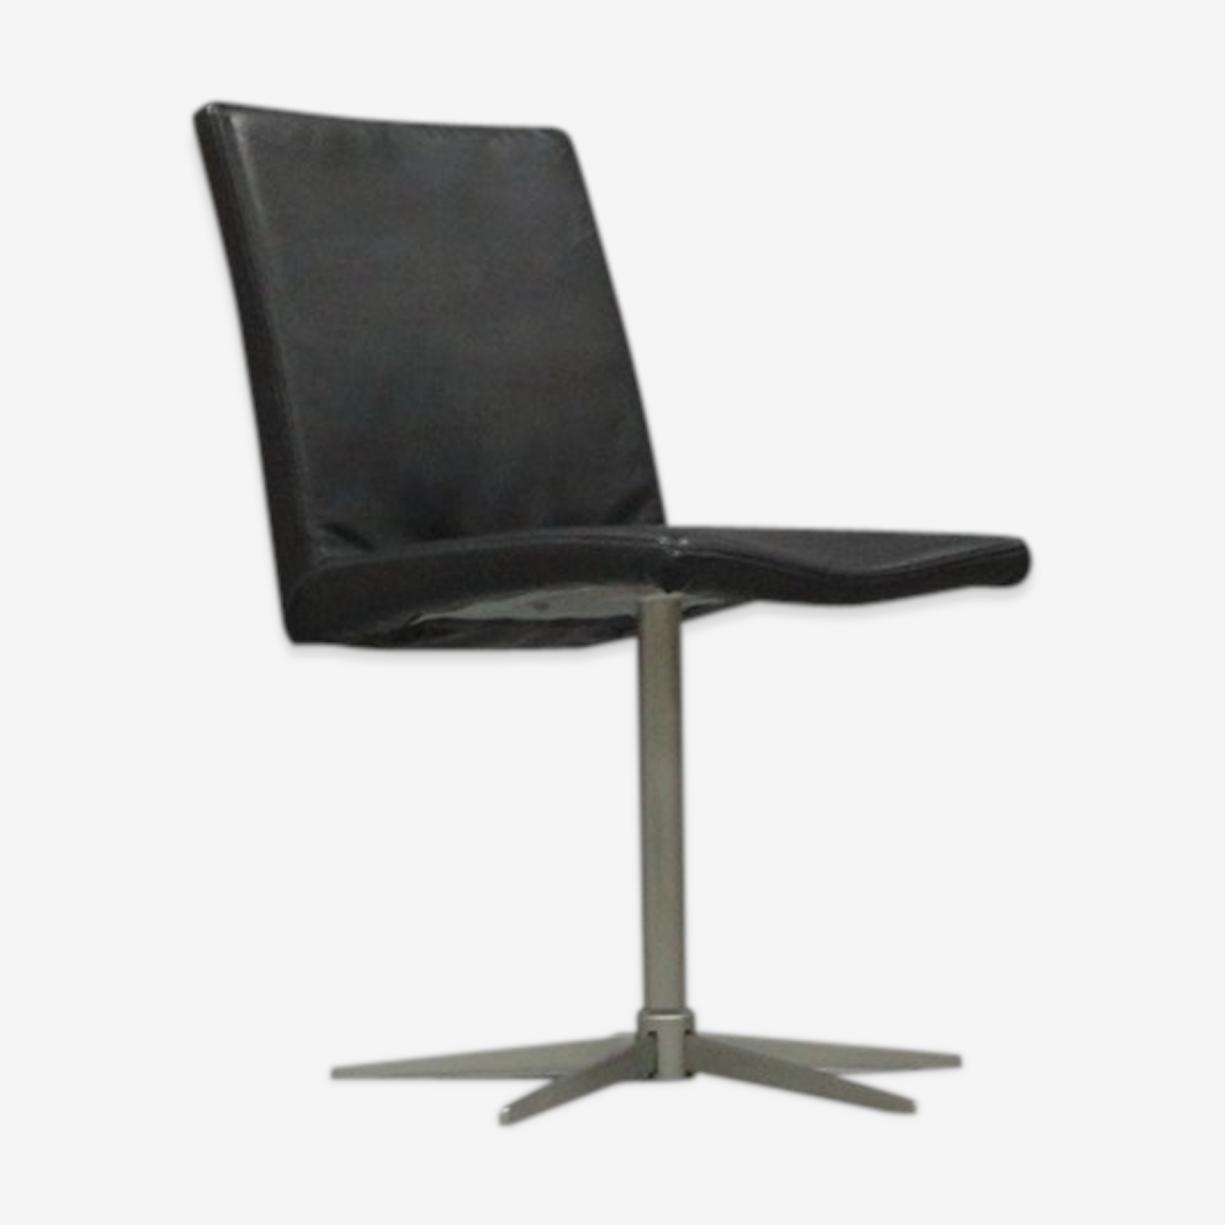 Chaise en cuir 1970